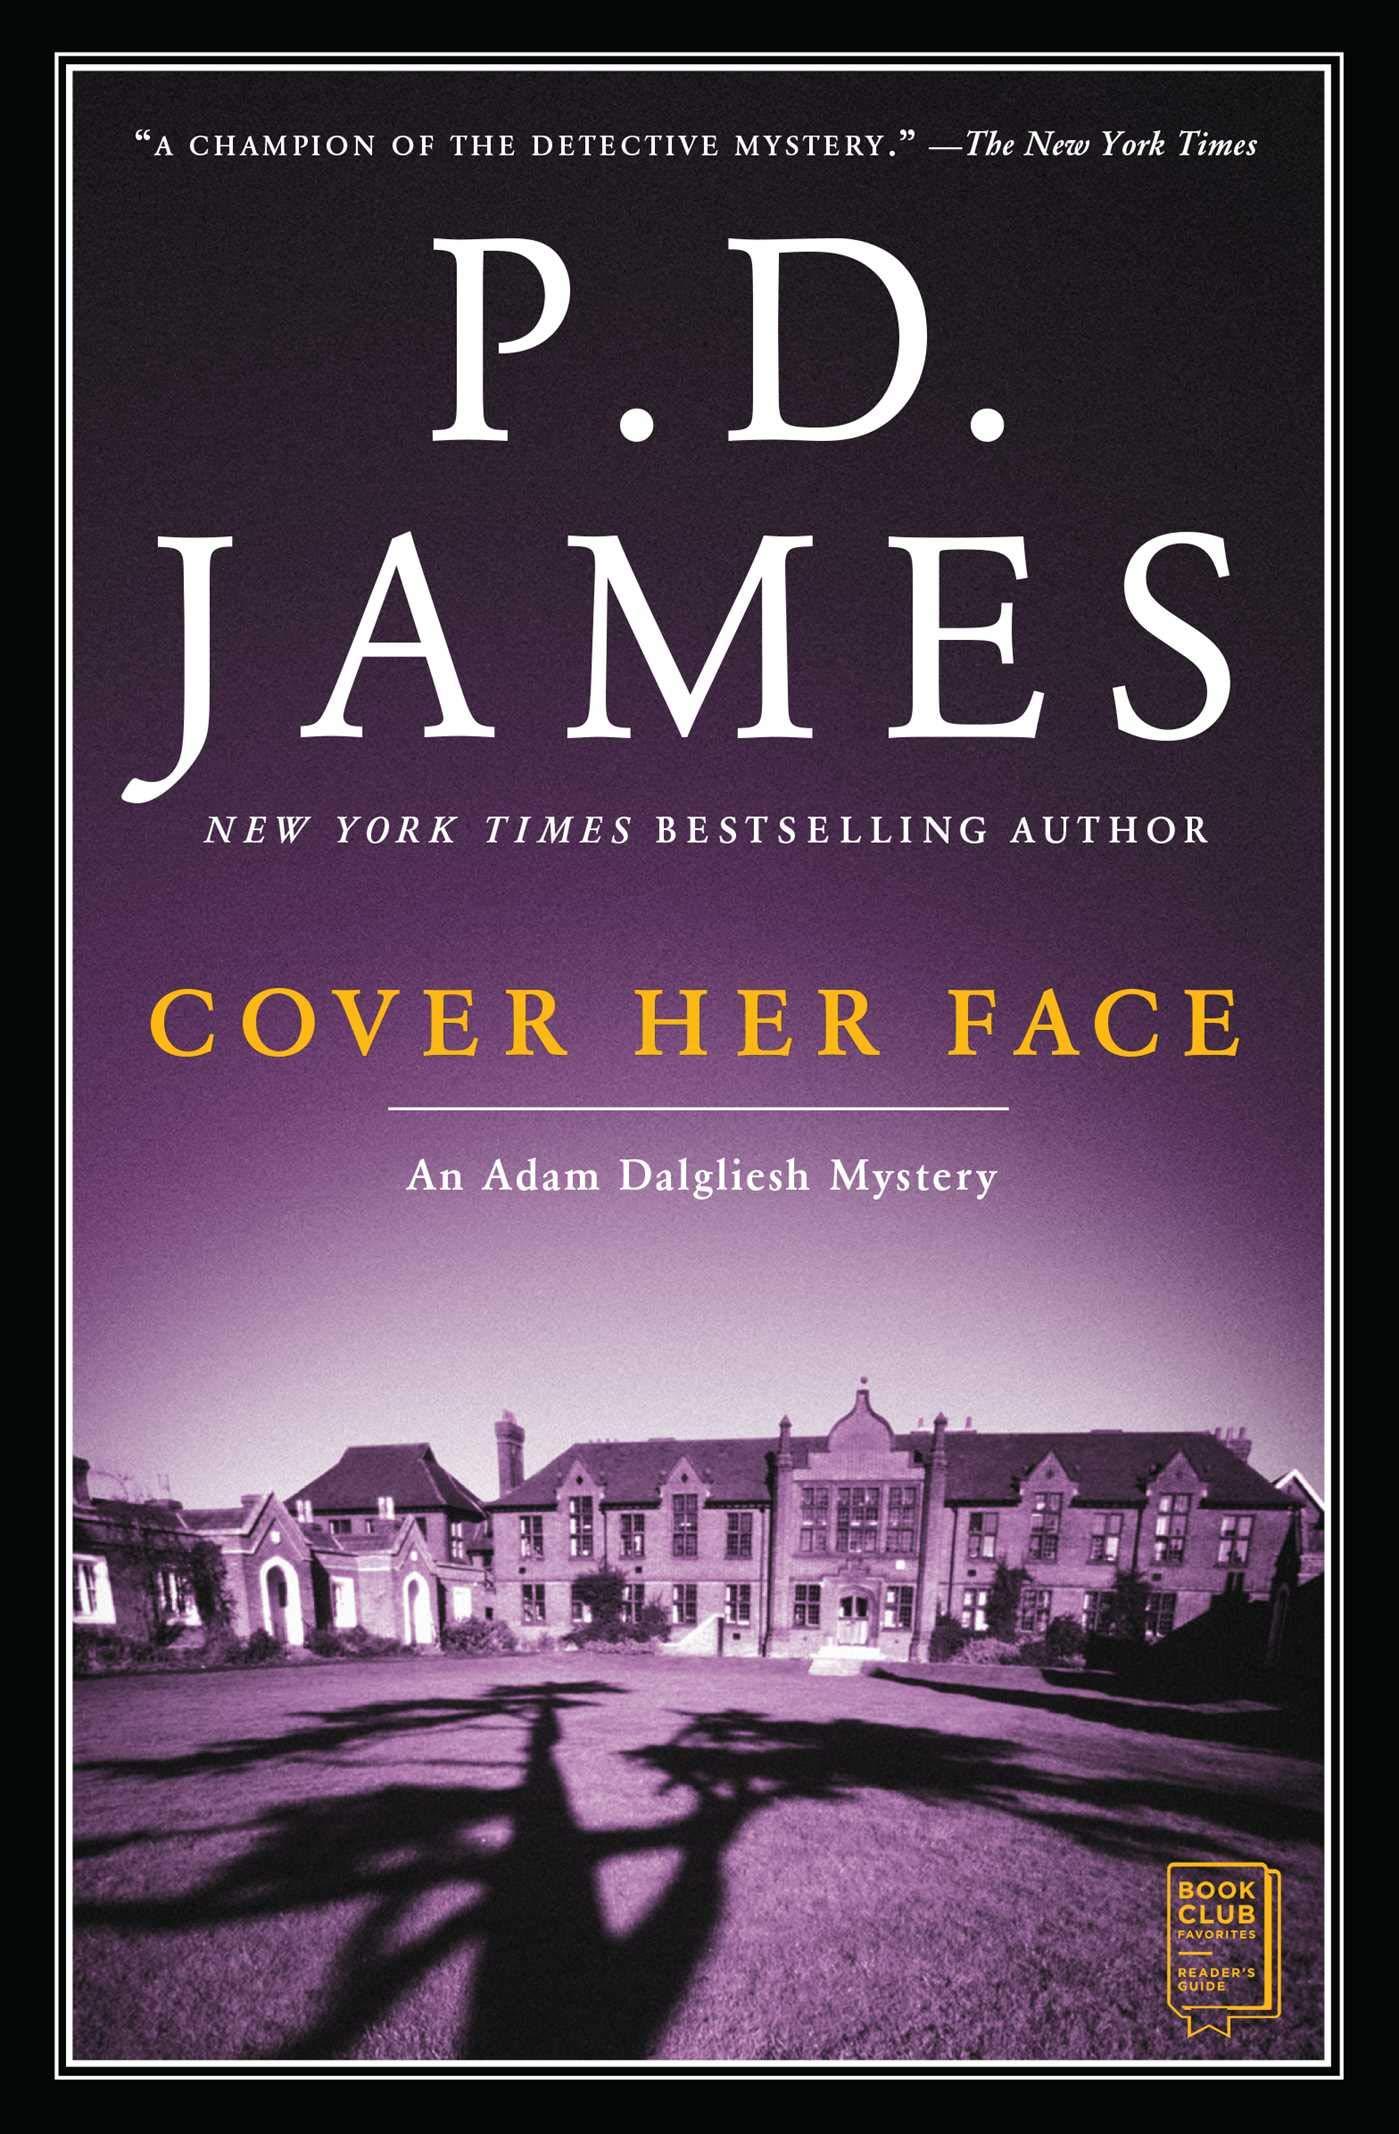 Cover Her Face: An Adam Dalgliesh Mystery (Adam Dalgliesh Mysteries Book 1)